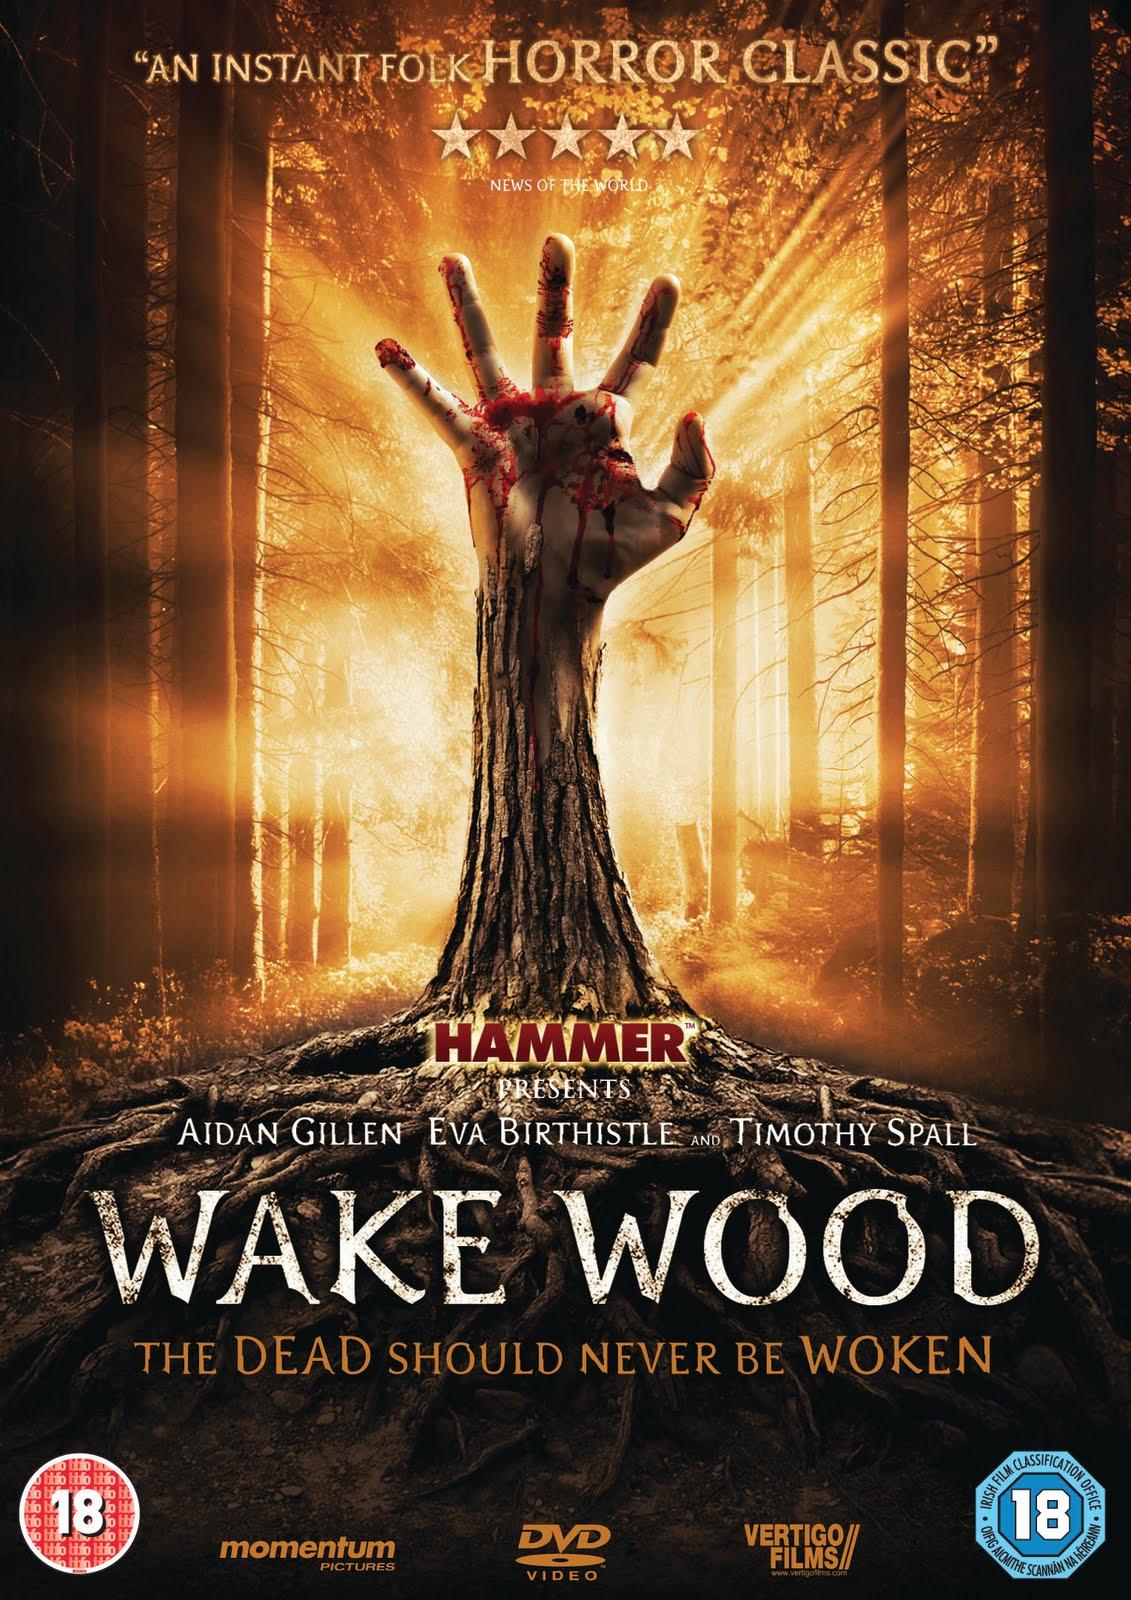 Ver Wake Wood (2011) Online